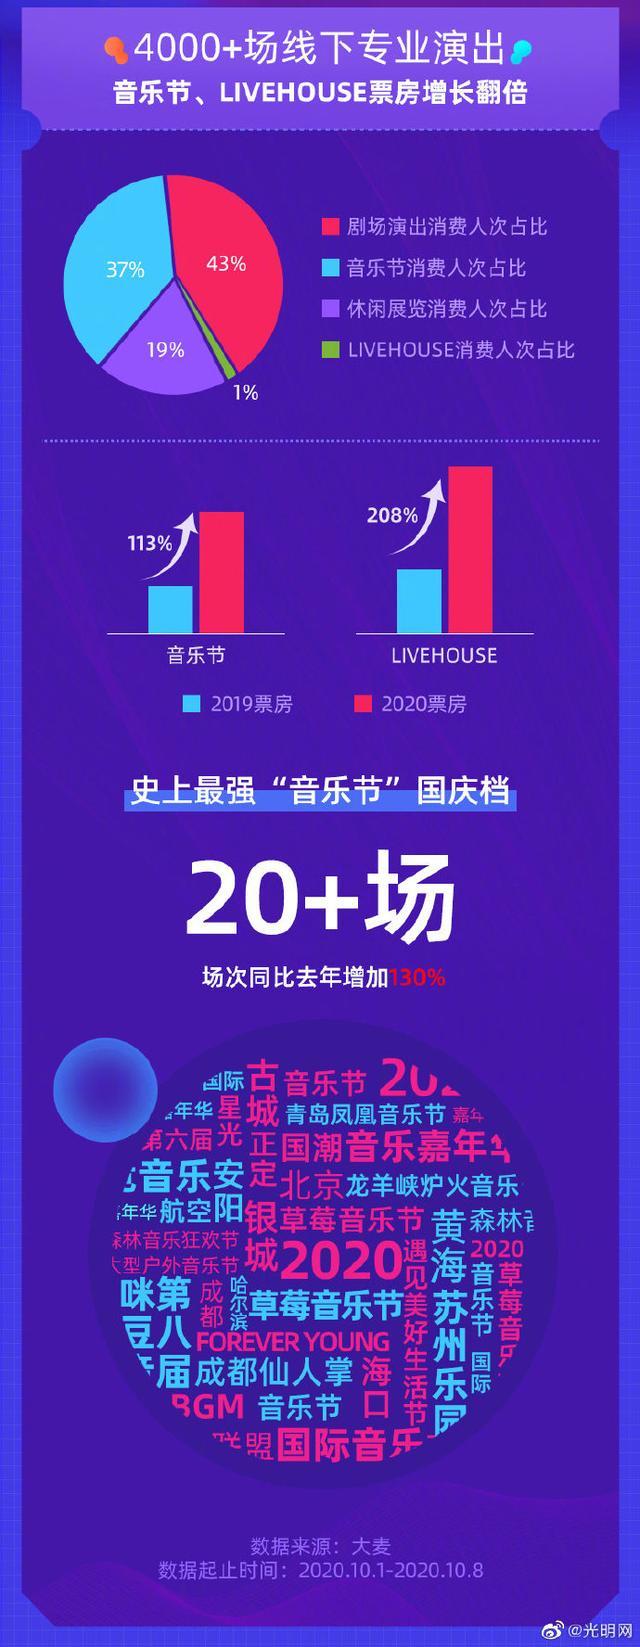 国庆档音乐节票房翻倍 全球新闻风头榜 第2张